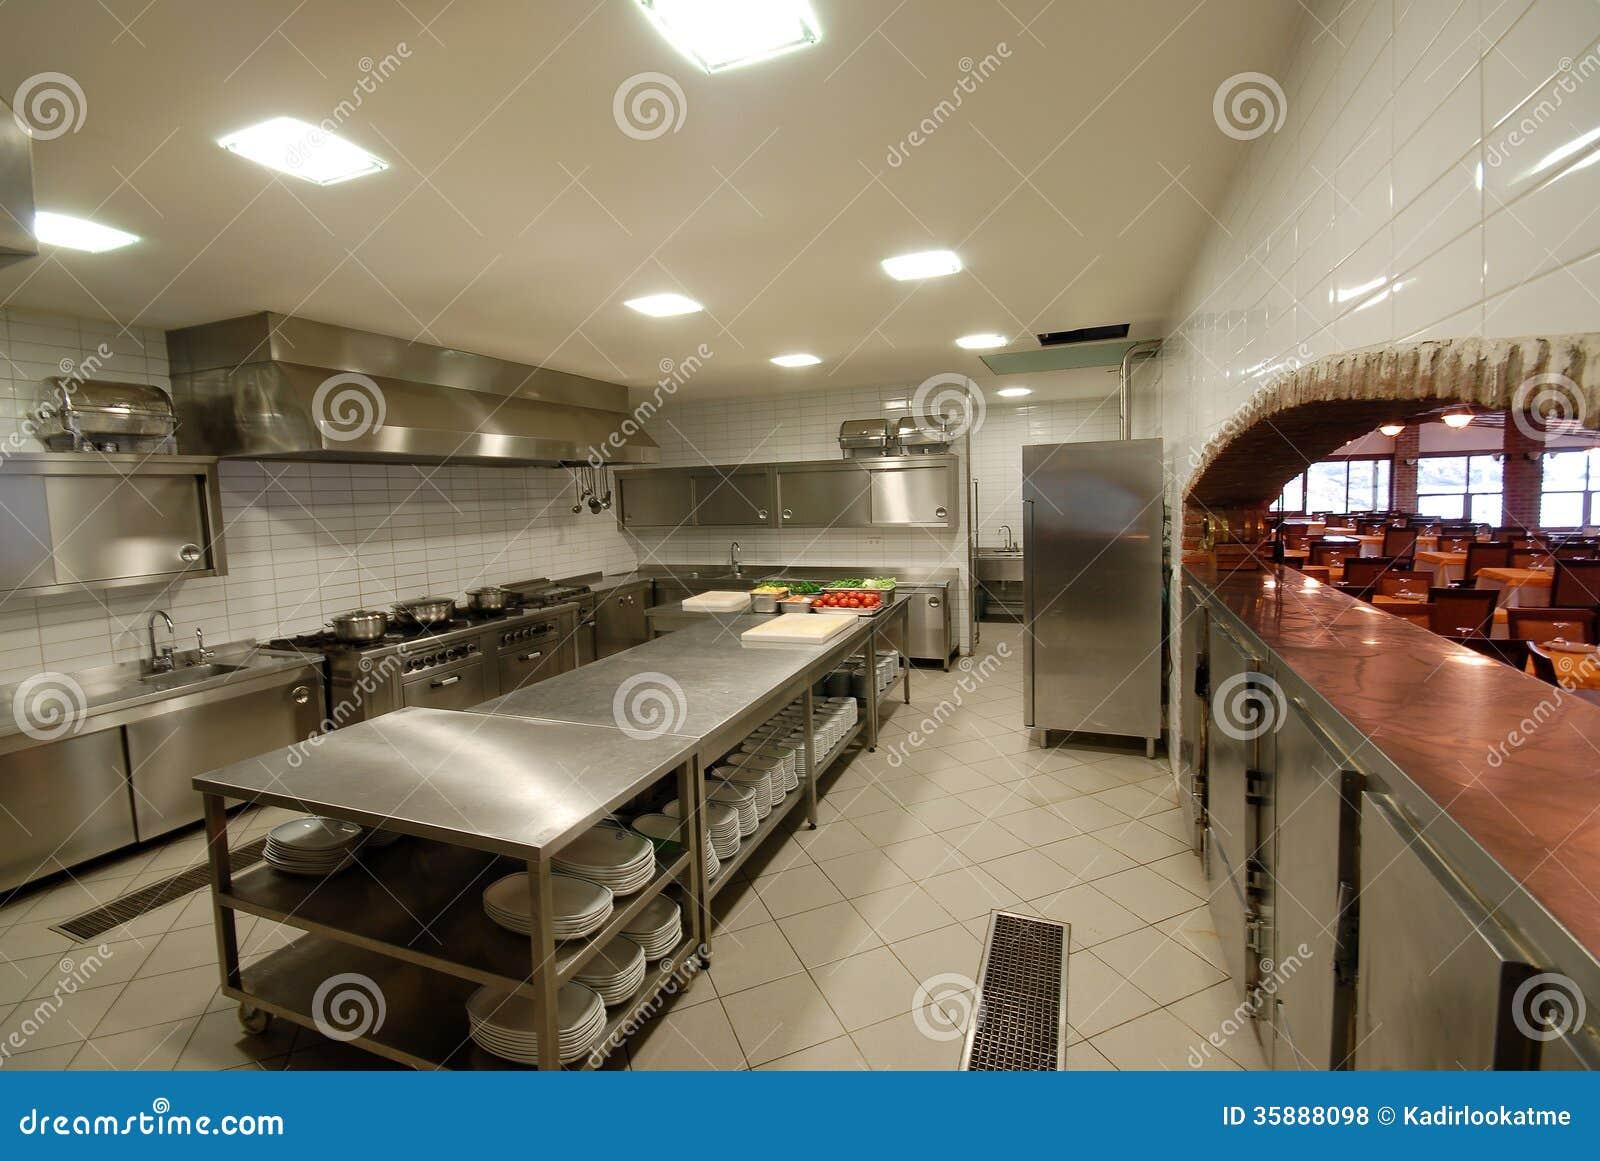 modern kitchen in restaurant  royalty free stock photos